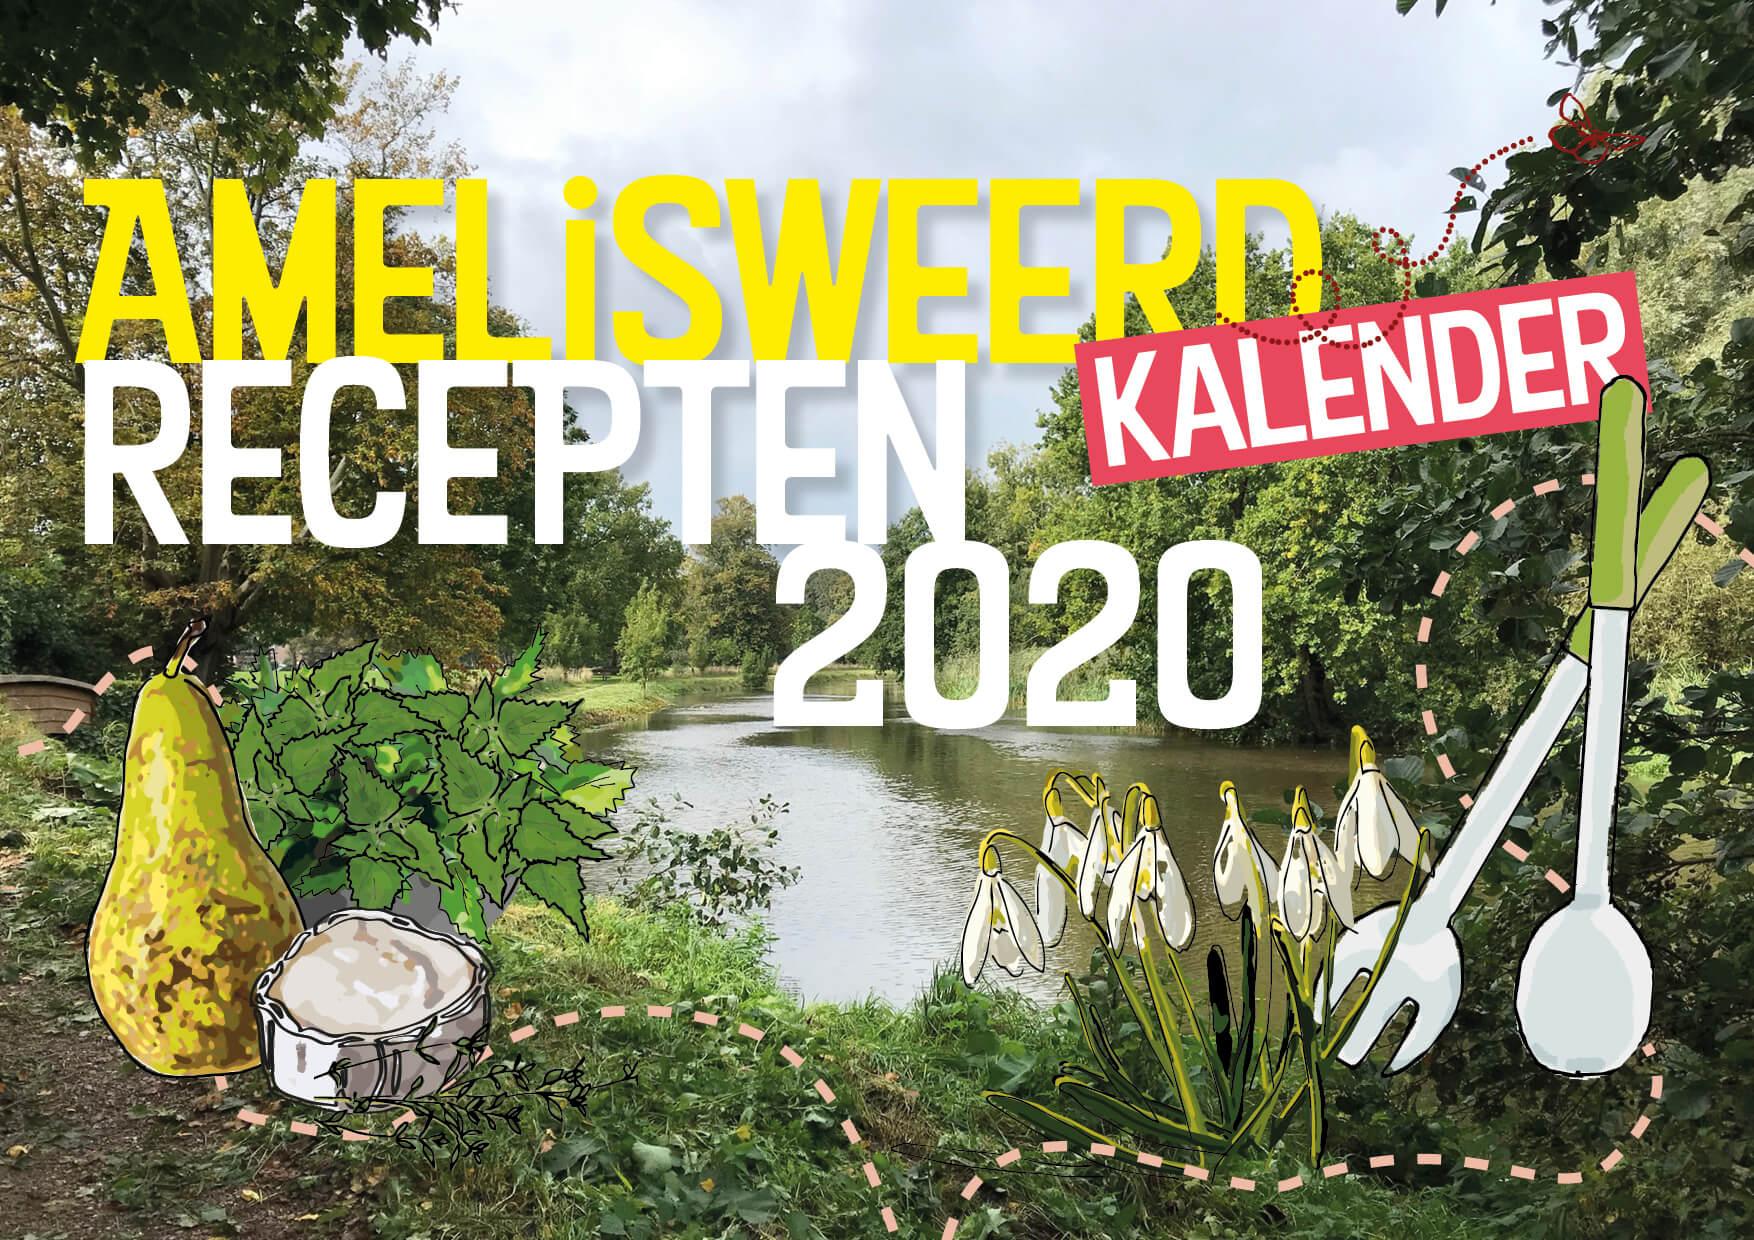 amelisweerd recepten kalender 2020 cover